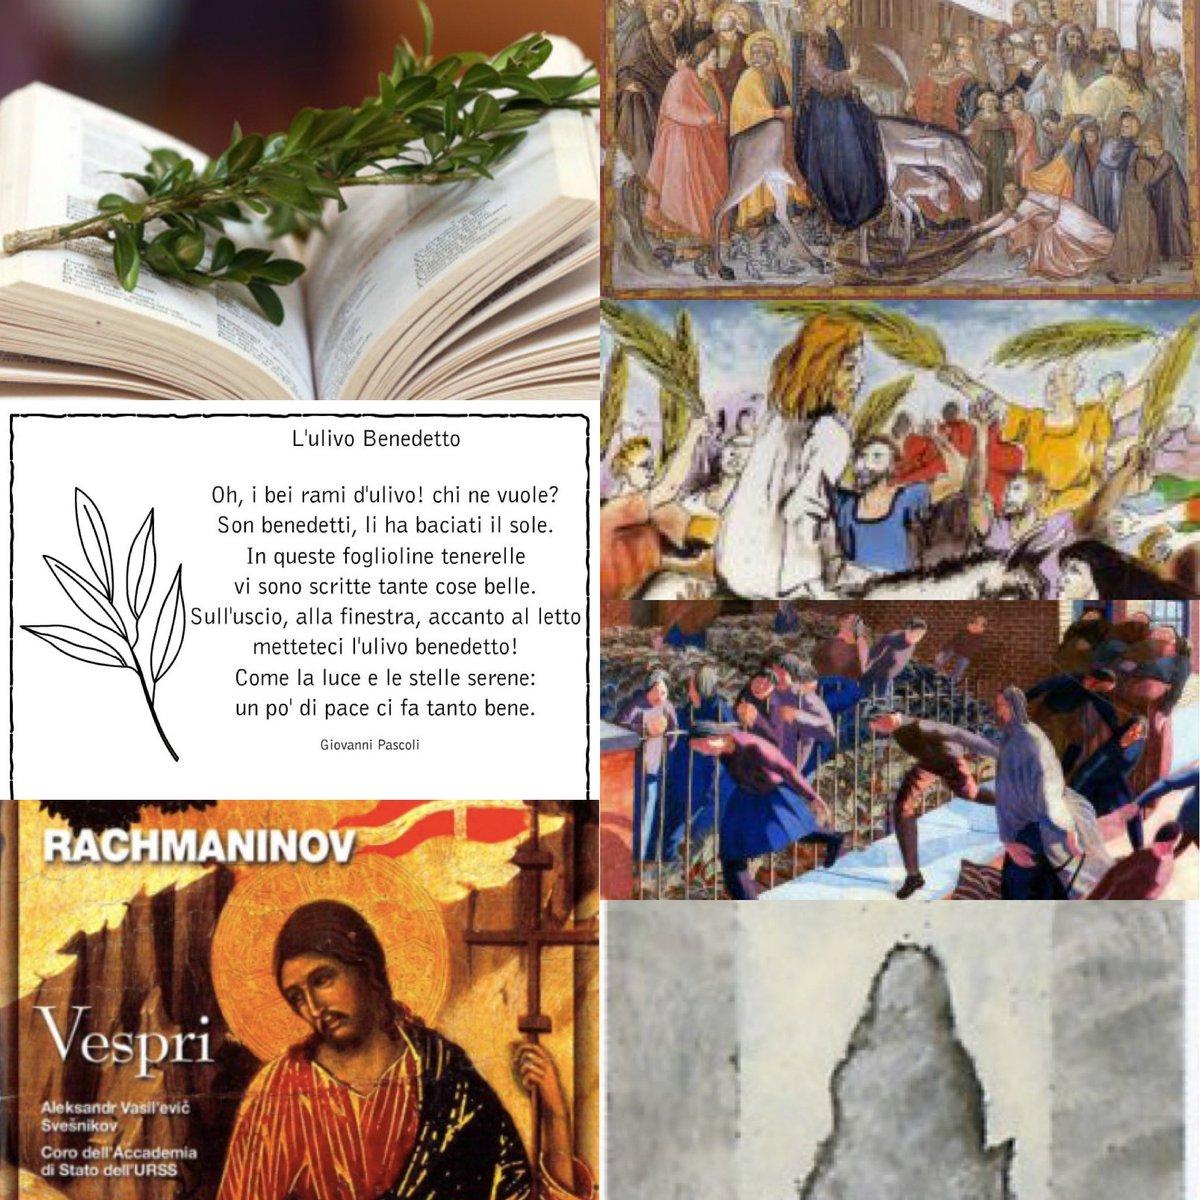 """#Oggi per il #Cristianesimo si celebra la #DomenicaDellePalme #significato e #arti? Tra #Bibbia e #Arte visiva https://bit.ly/2wdWufy #Poesia """"L'Ulivo Benedetto"""" #GiovanniPascoli #musica #Vespri #Rachmaninov  https://bit.ly/2RclJGt #COVID2019 #laculturanonsifermapic.twitter.com/YGhScPGtMD"""